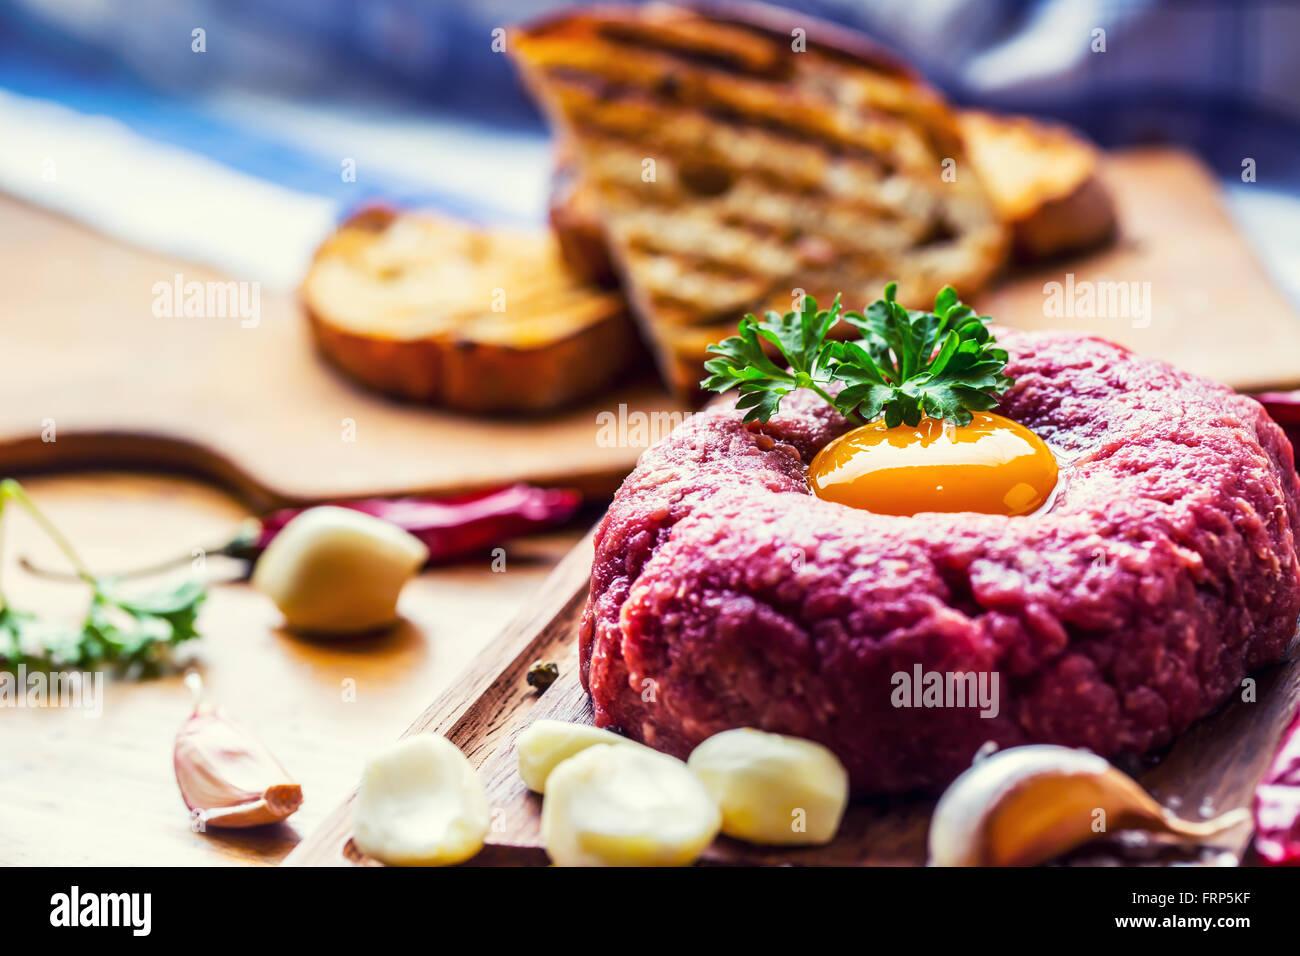 Carne cruda .sabrosa carne tártara. Carne tártara clásico sobre la plancha de madera. Ingredientes: carne de res Foto de stock